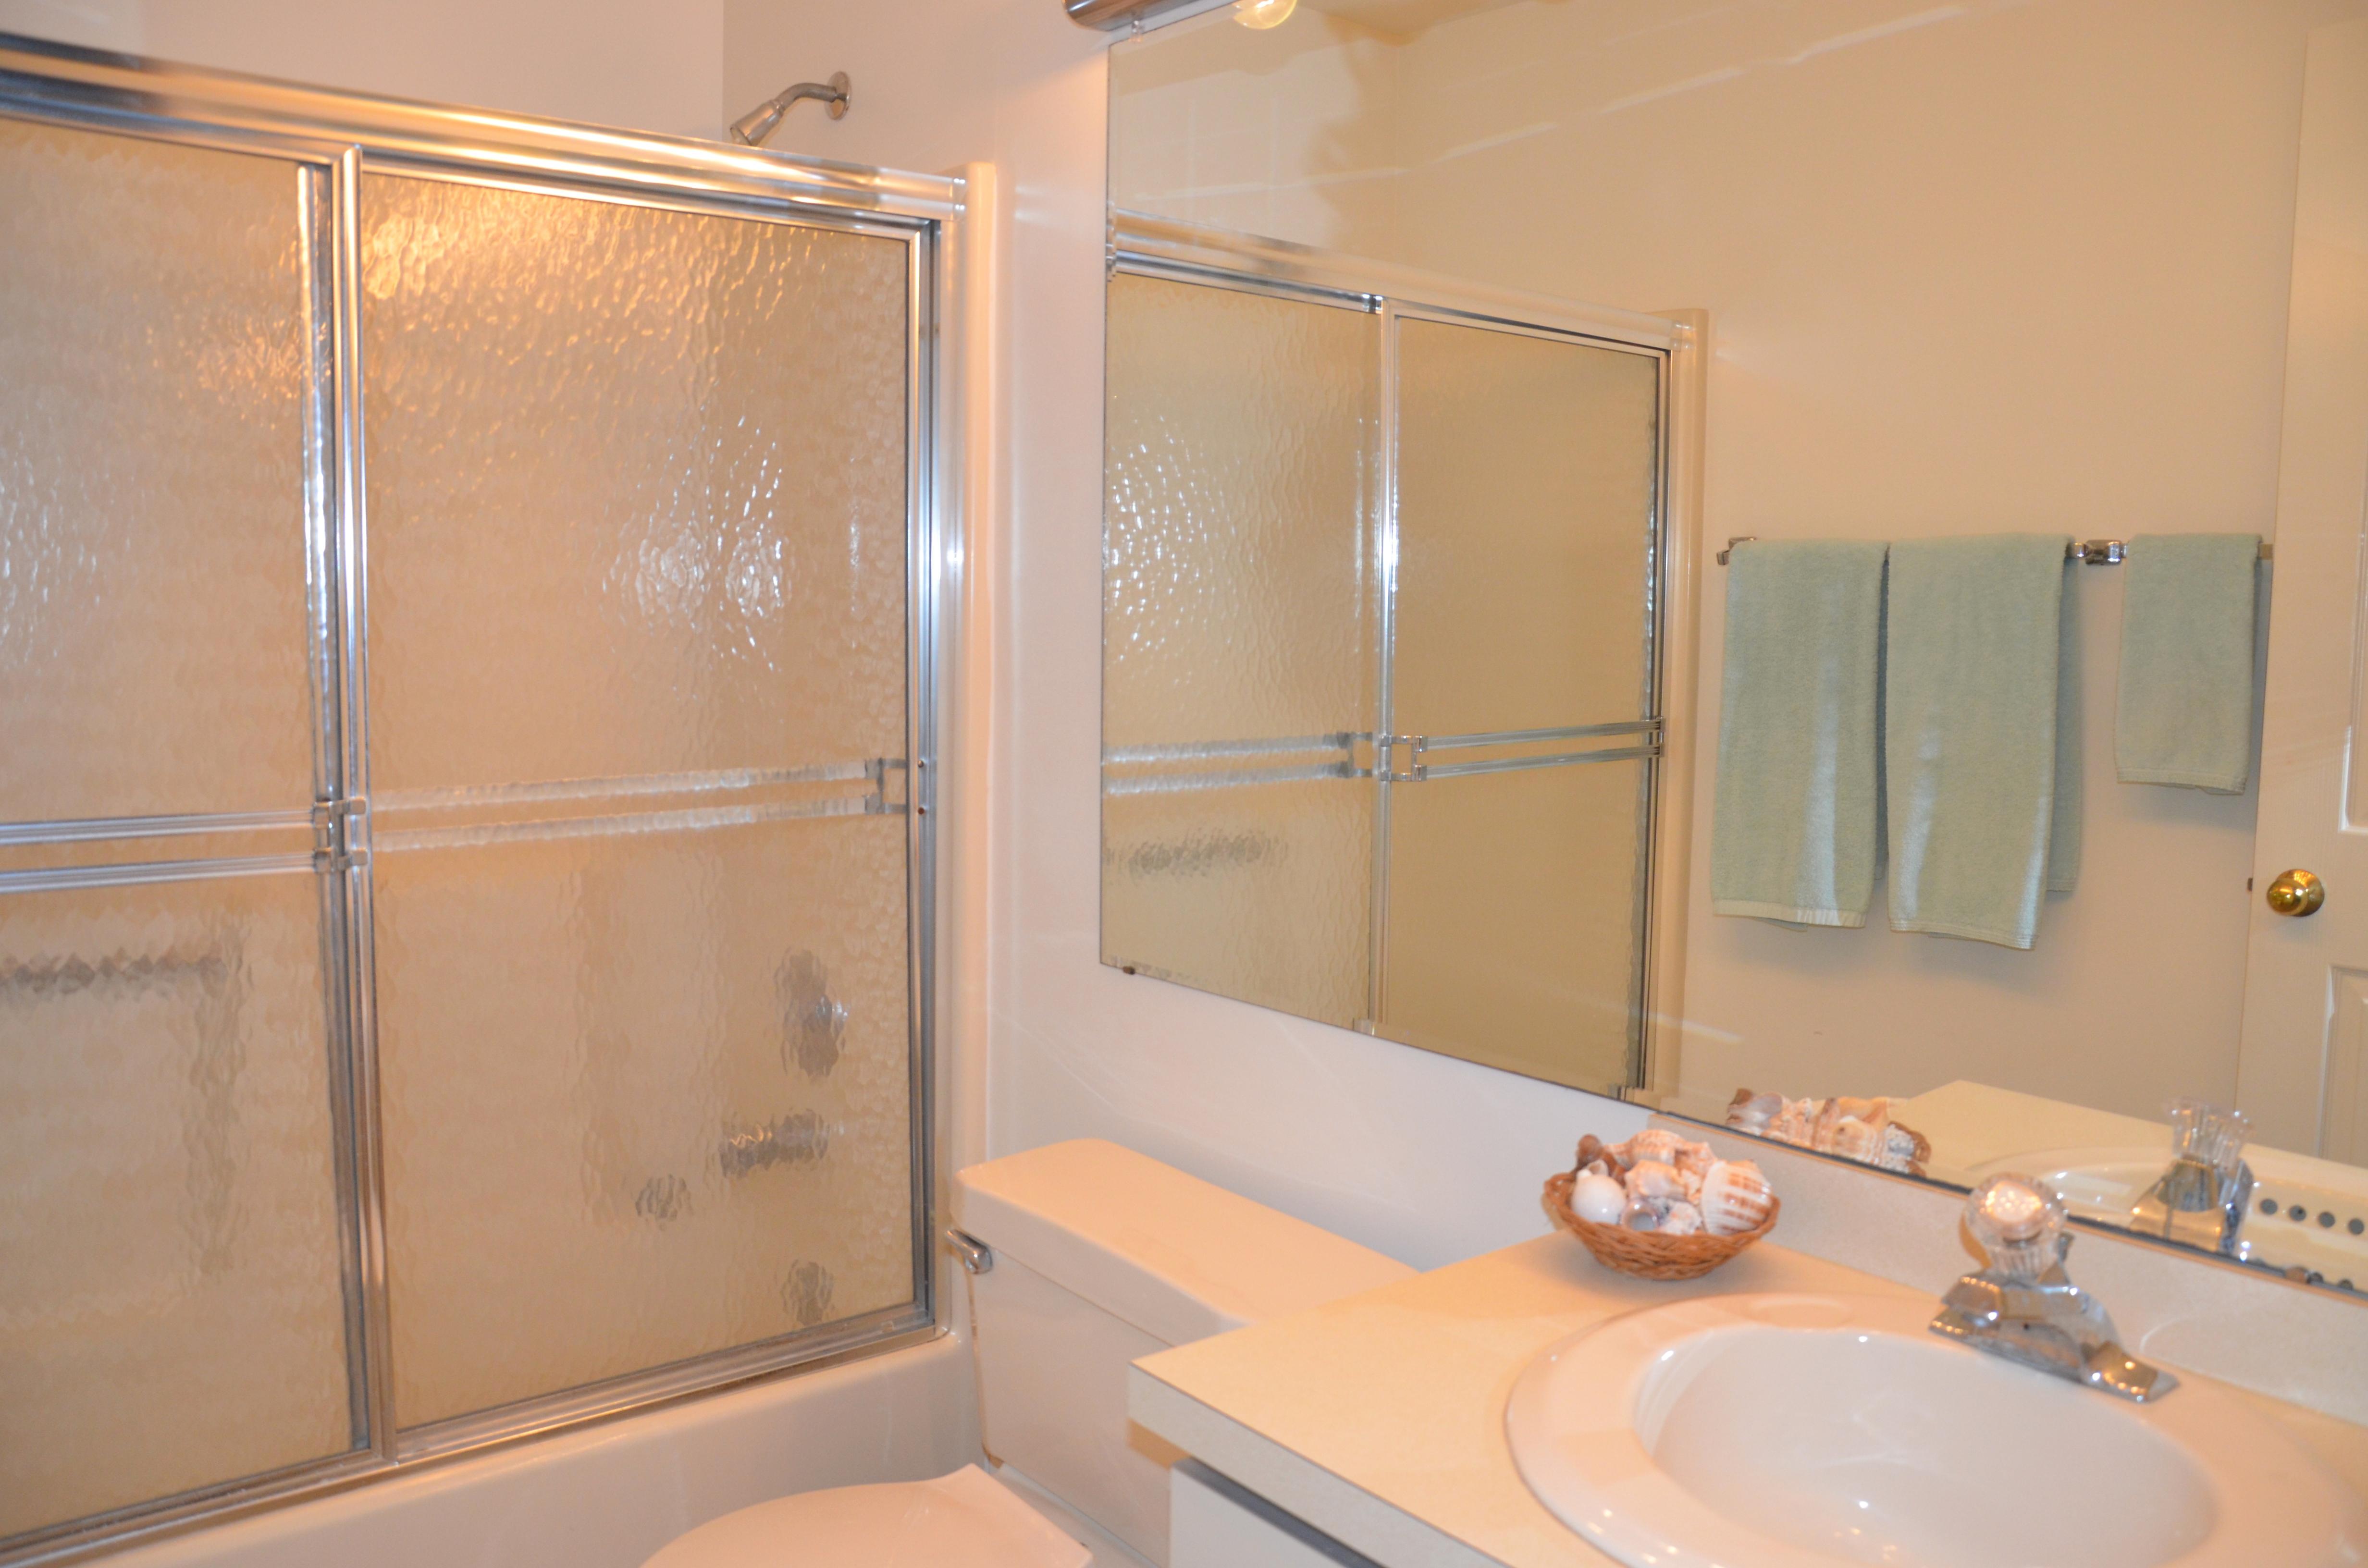 101 Southpoint Bathroom.JPG